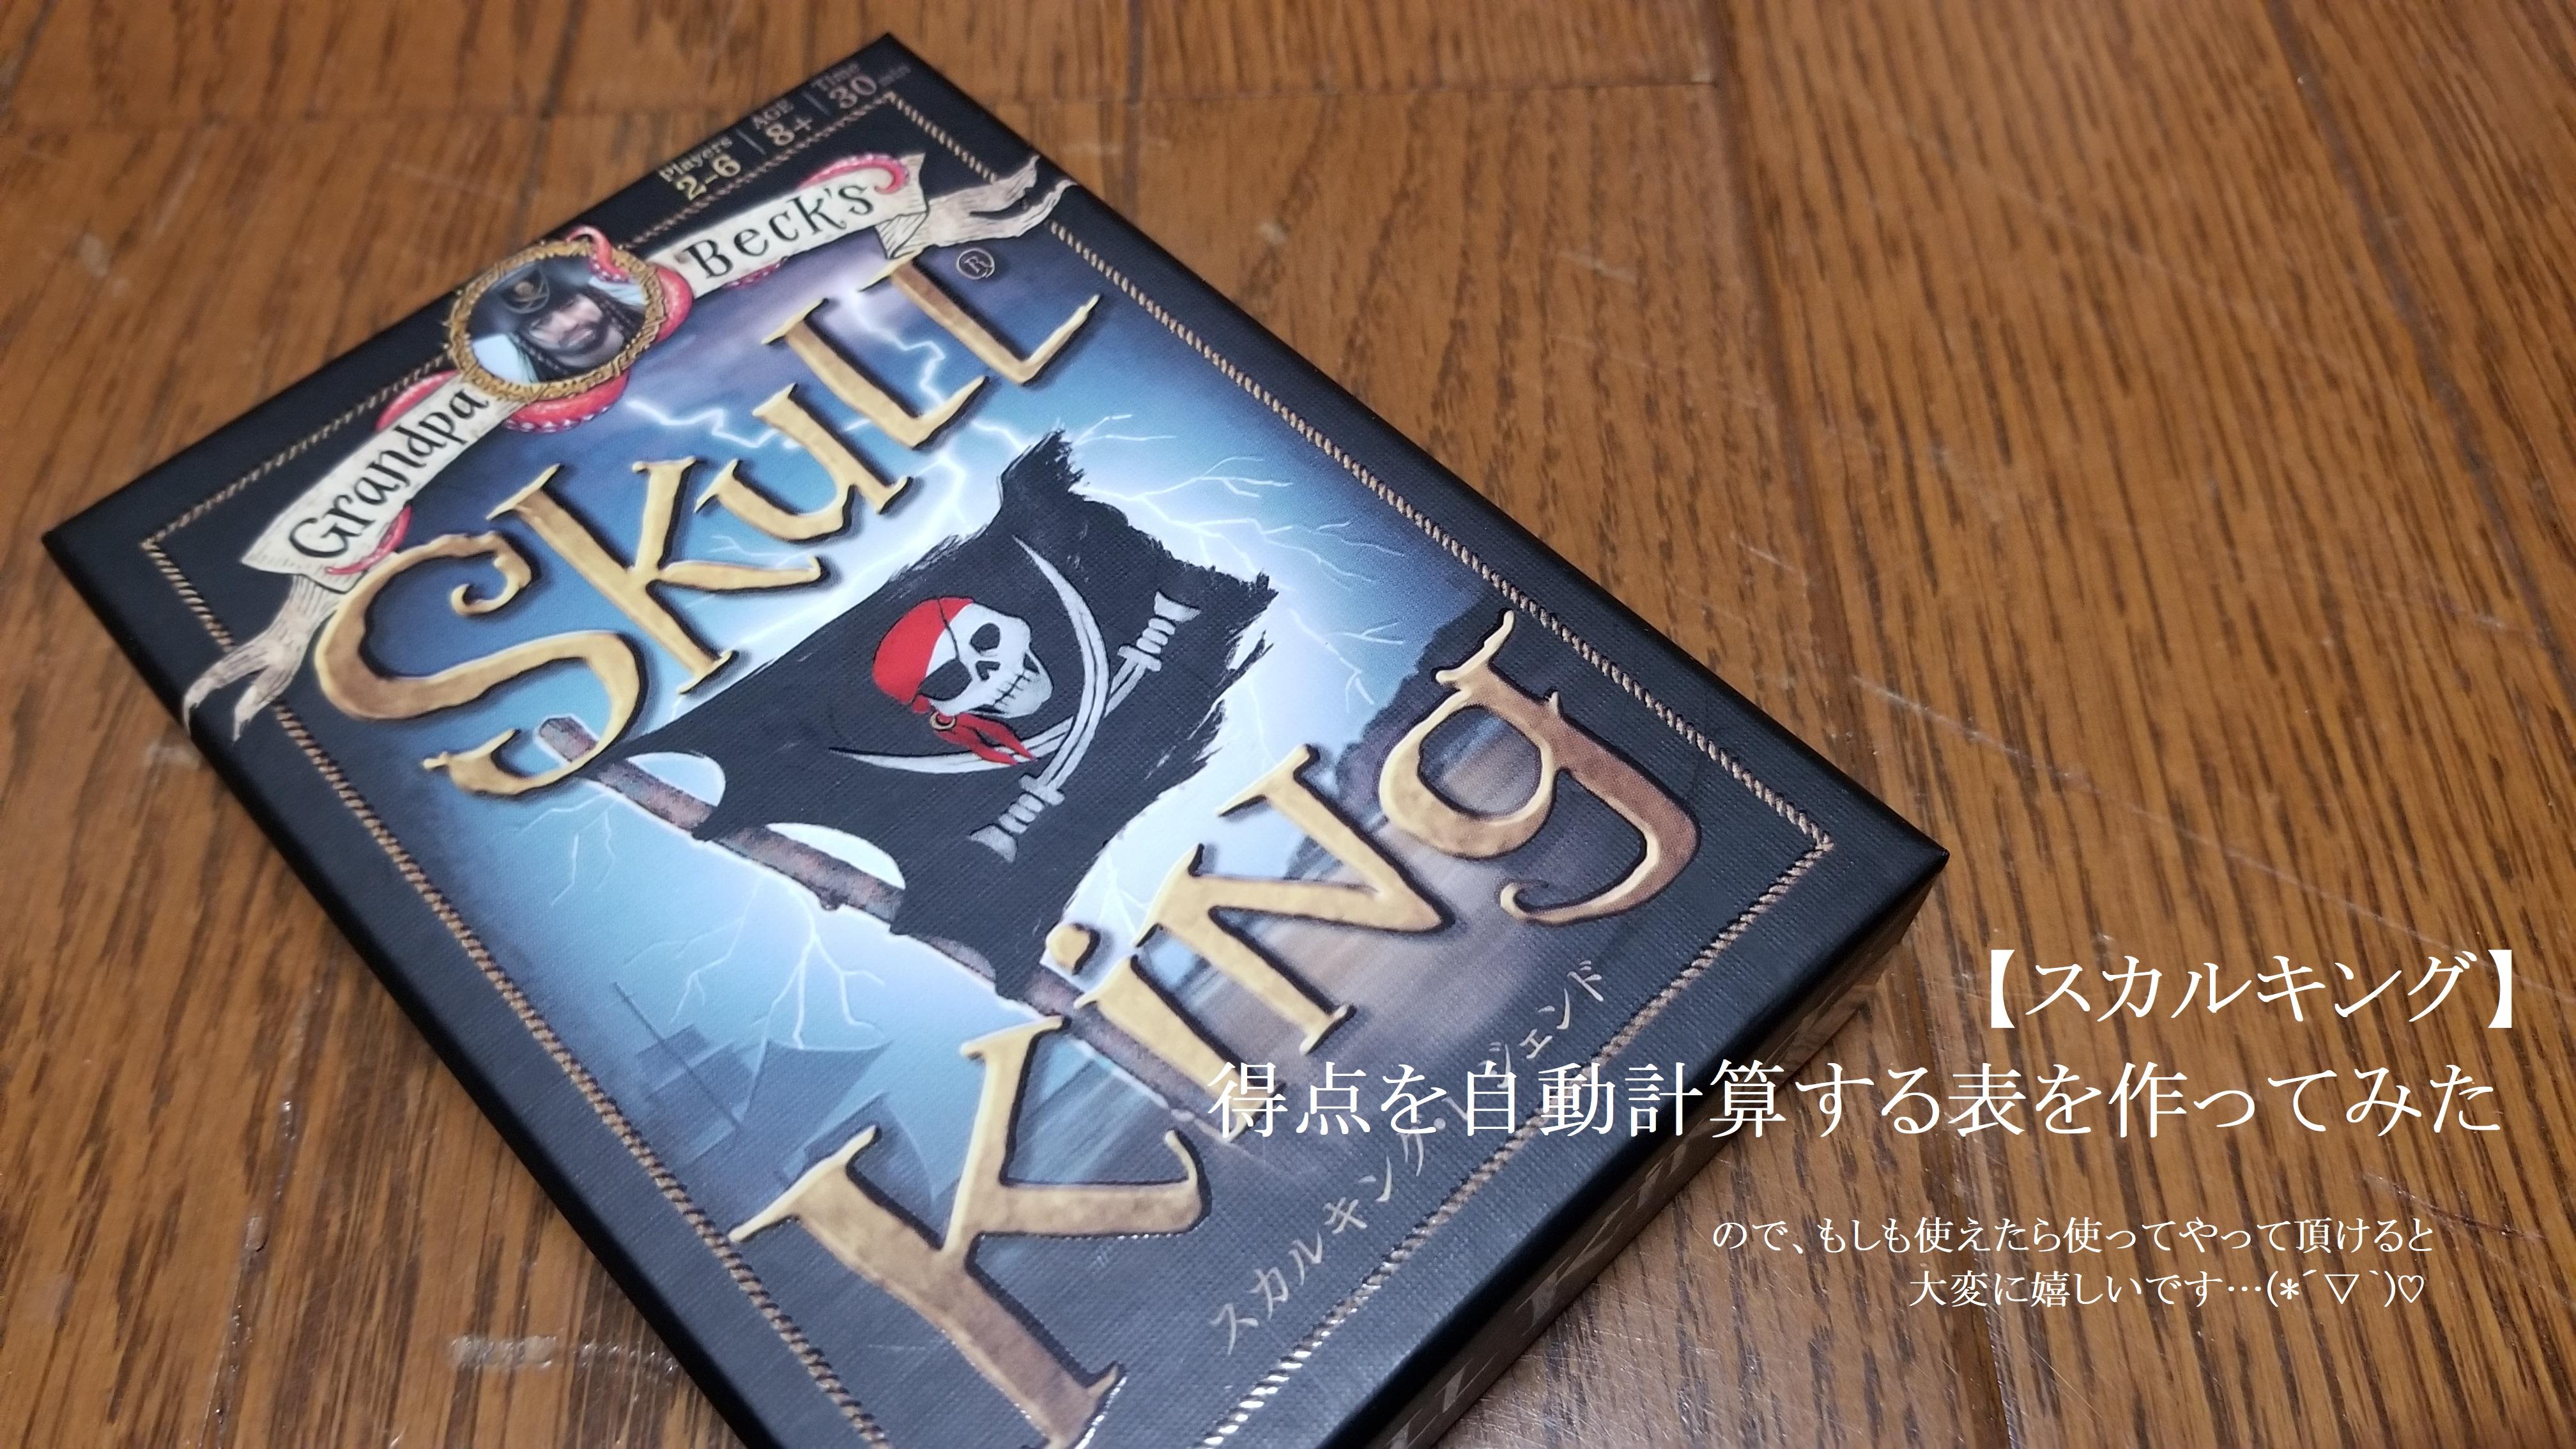 「スカルキング/SKULL KING」の点数計算表作ってみた!【ご自由にご利用ください】